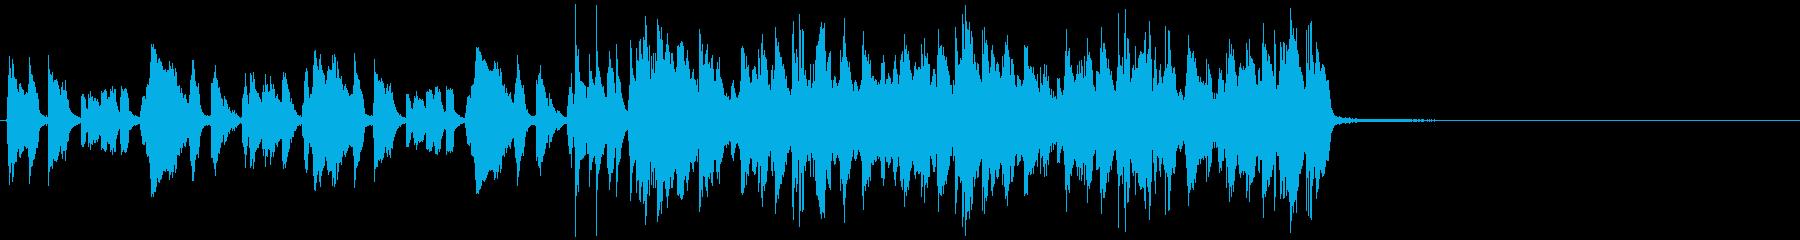 15秒CM向けアコギリフ コミカルな感じの再生済みの波形